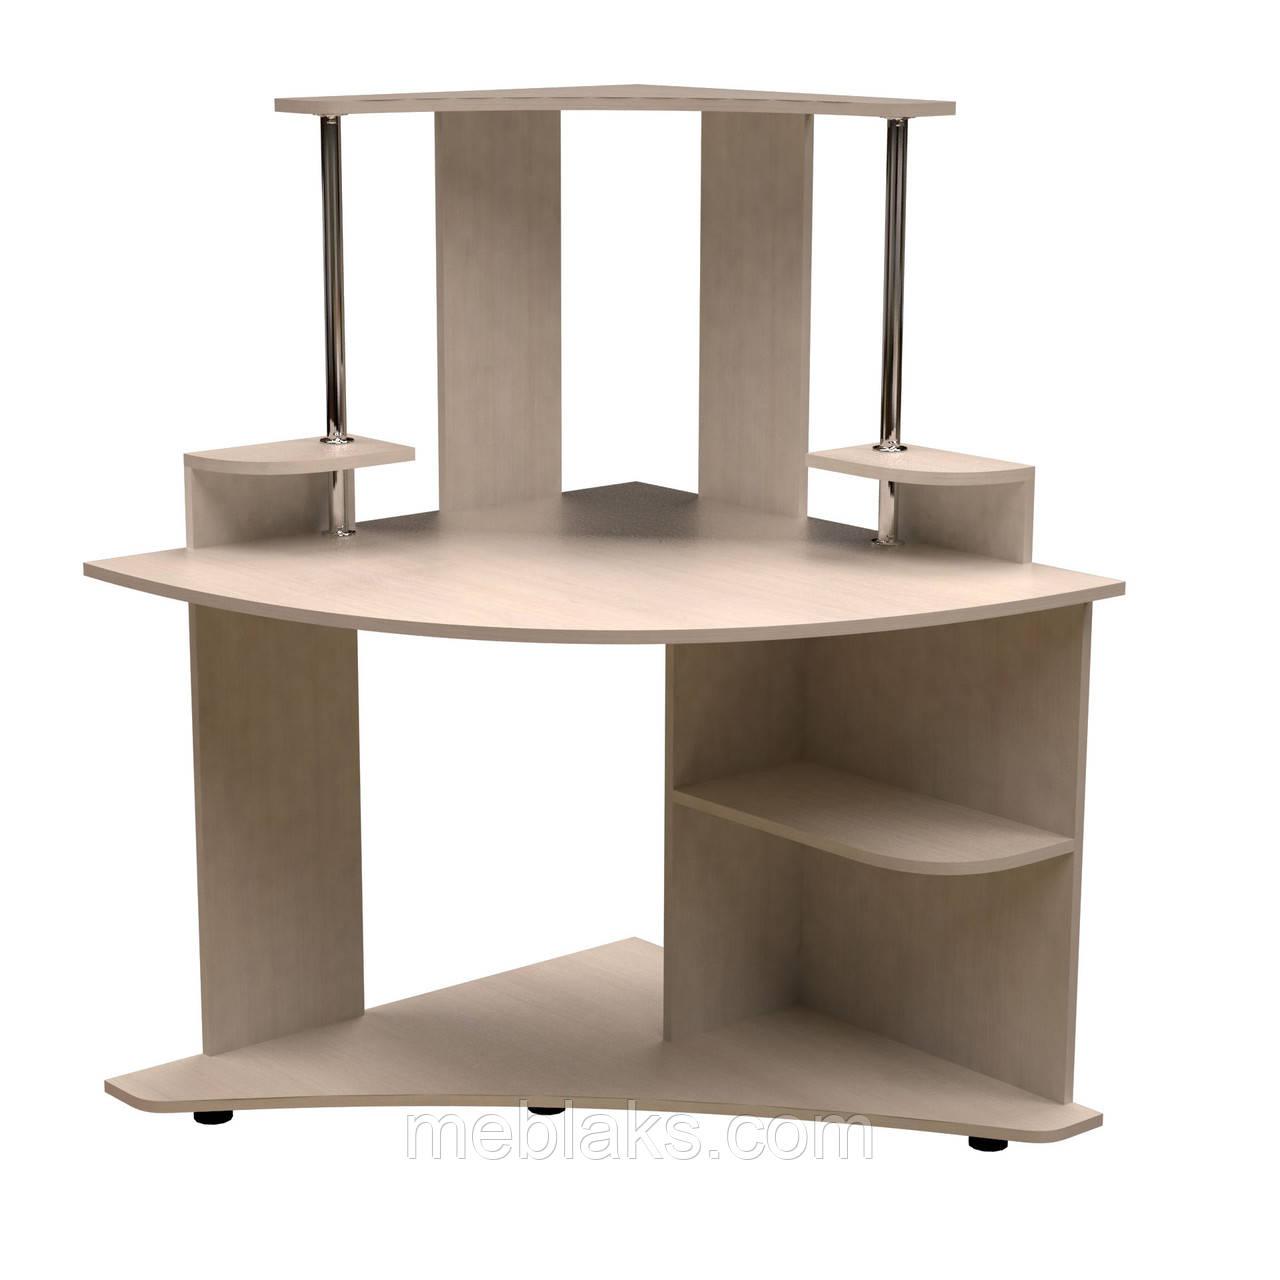 Компьютерный стол НСК 40